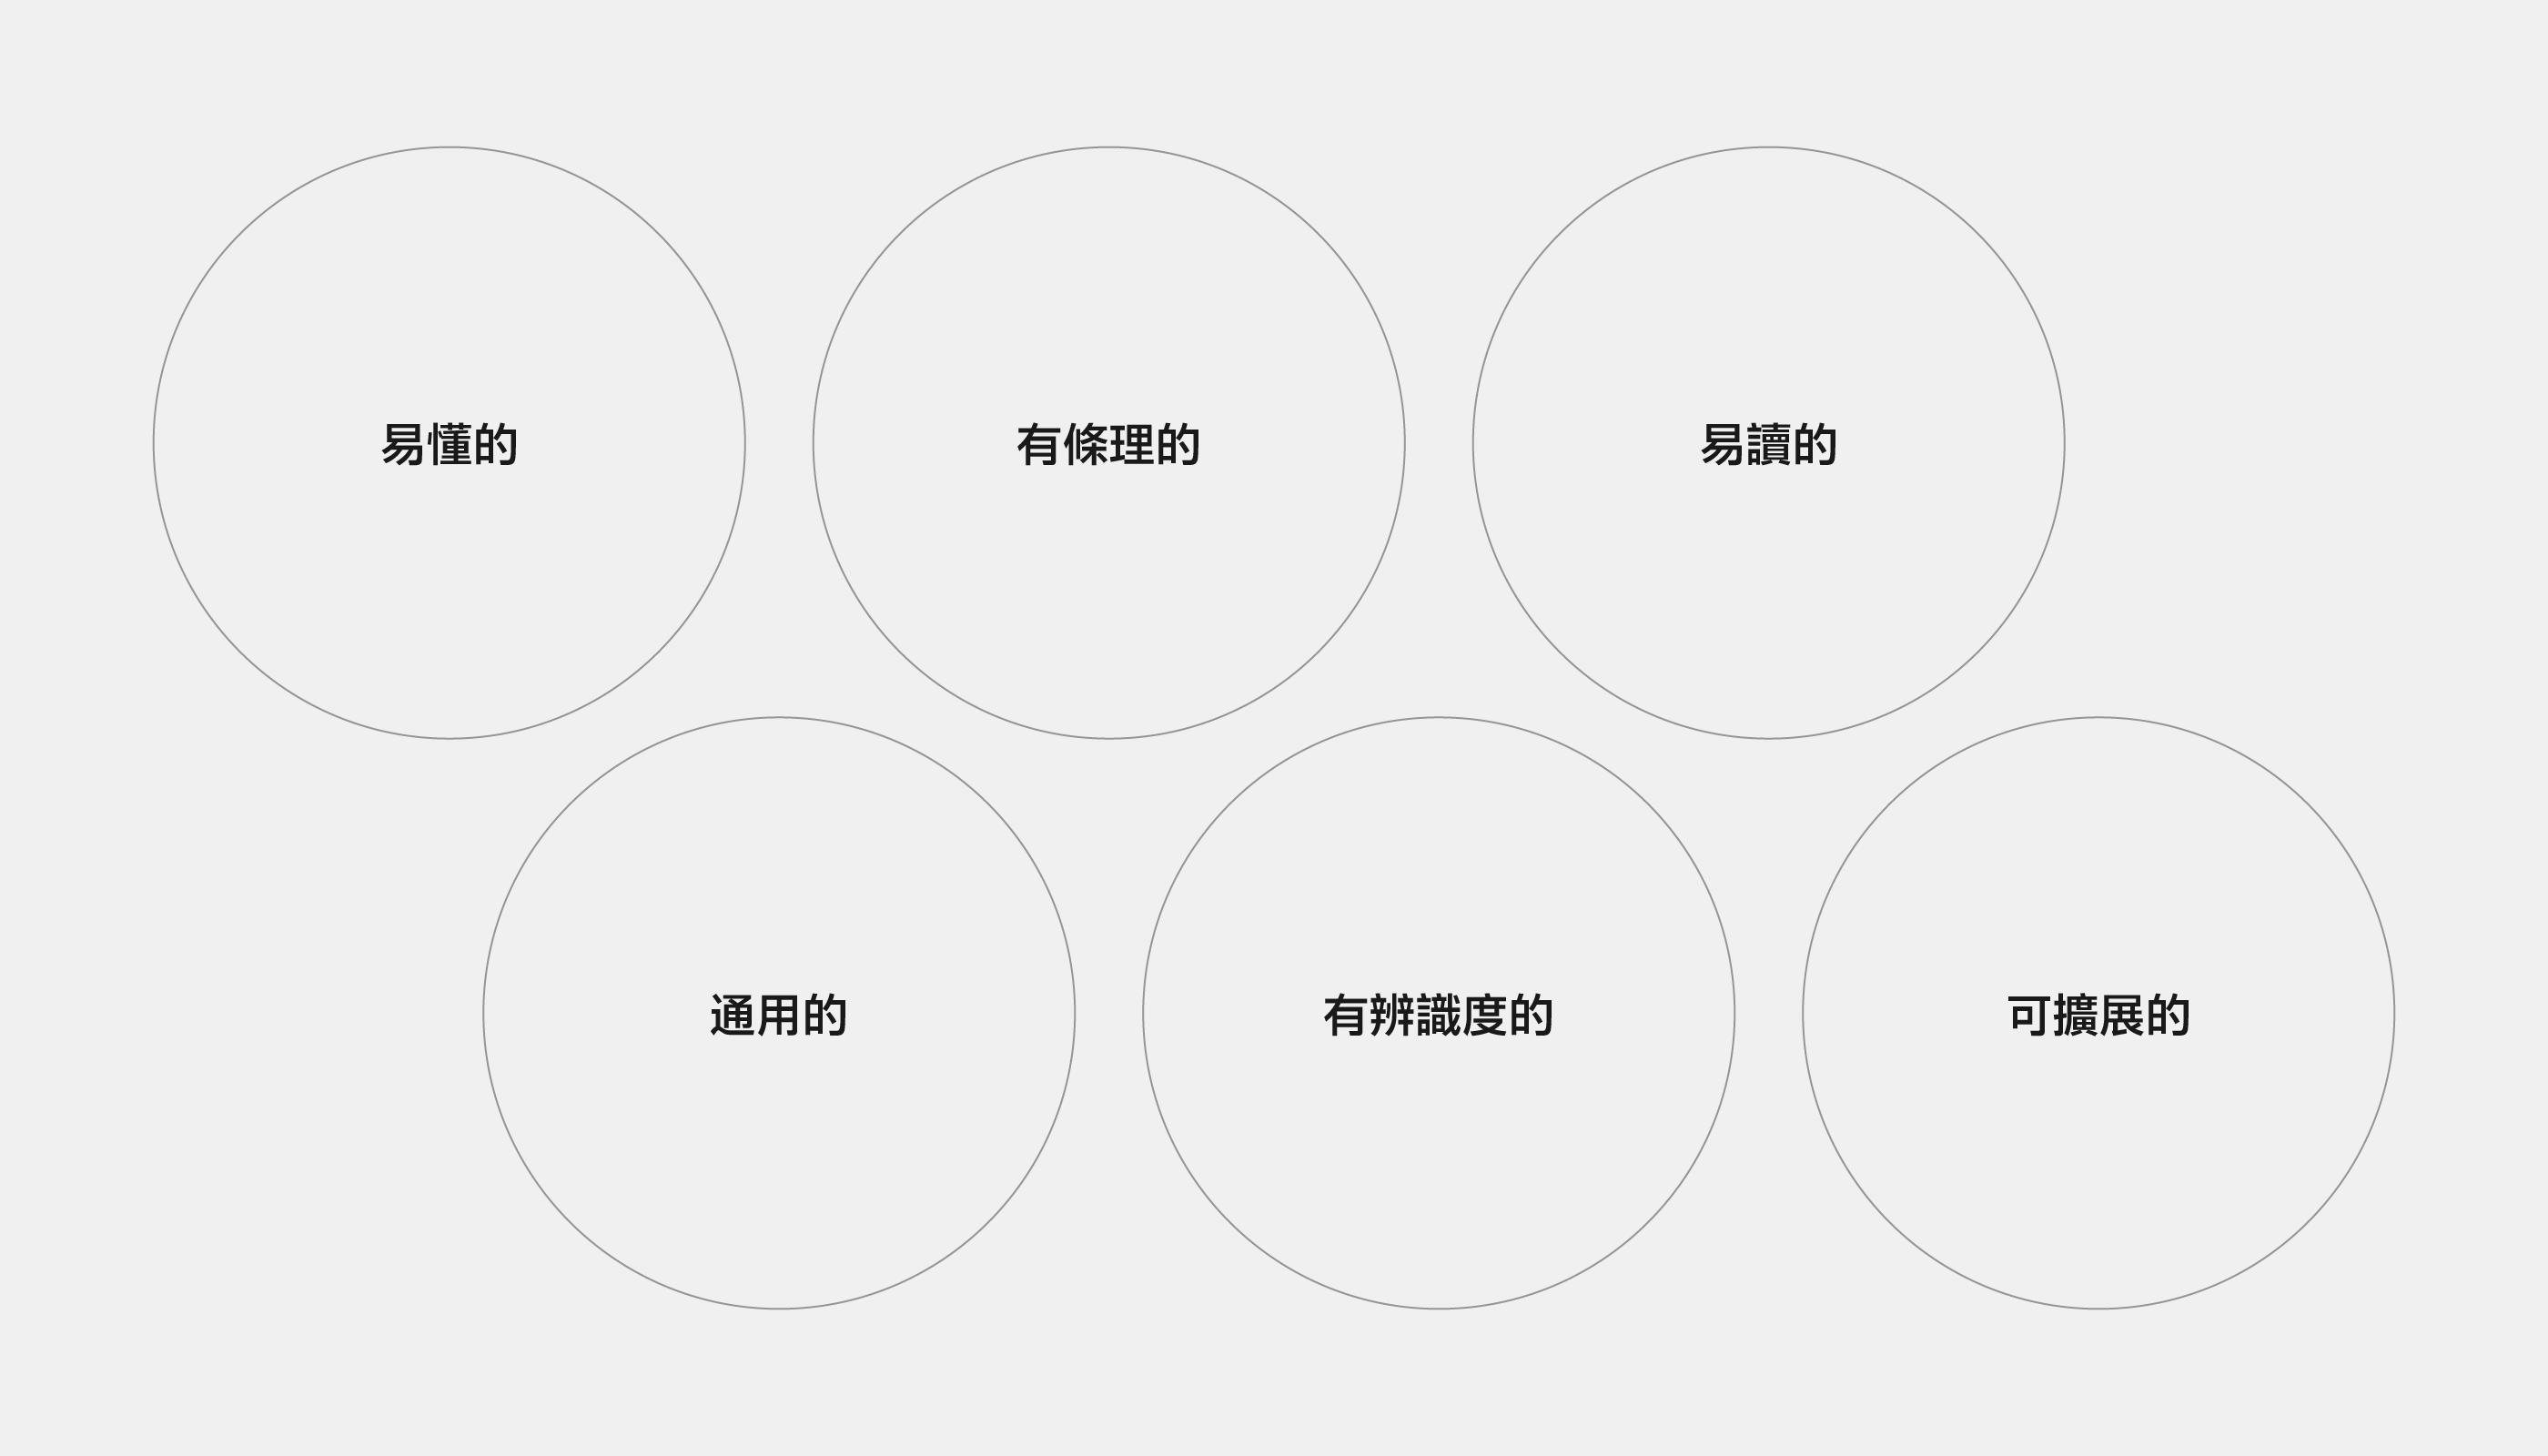 六項作為設計準則的關鍵字